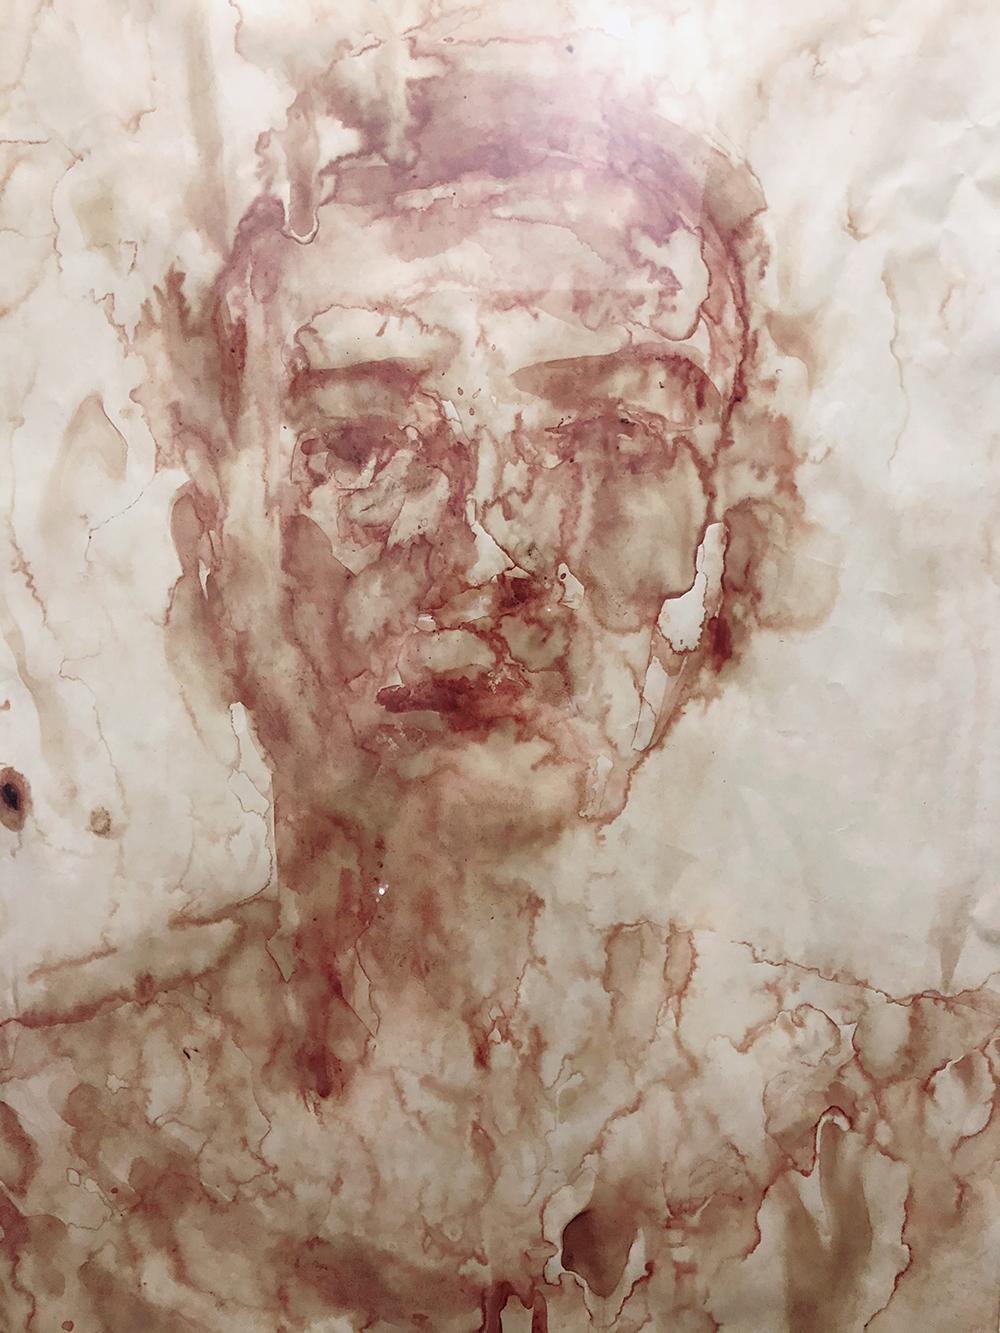 Tranh chân dung vẽ bằng máu của Wowy tại triển lãm tối 24/4. Ảnh: Mai Nhật.